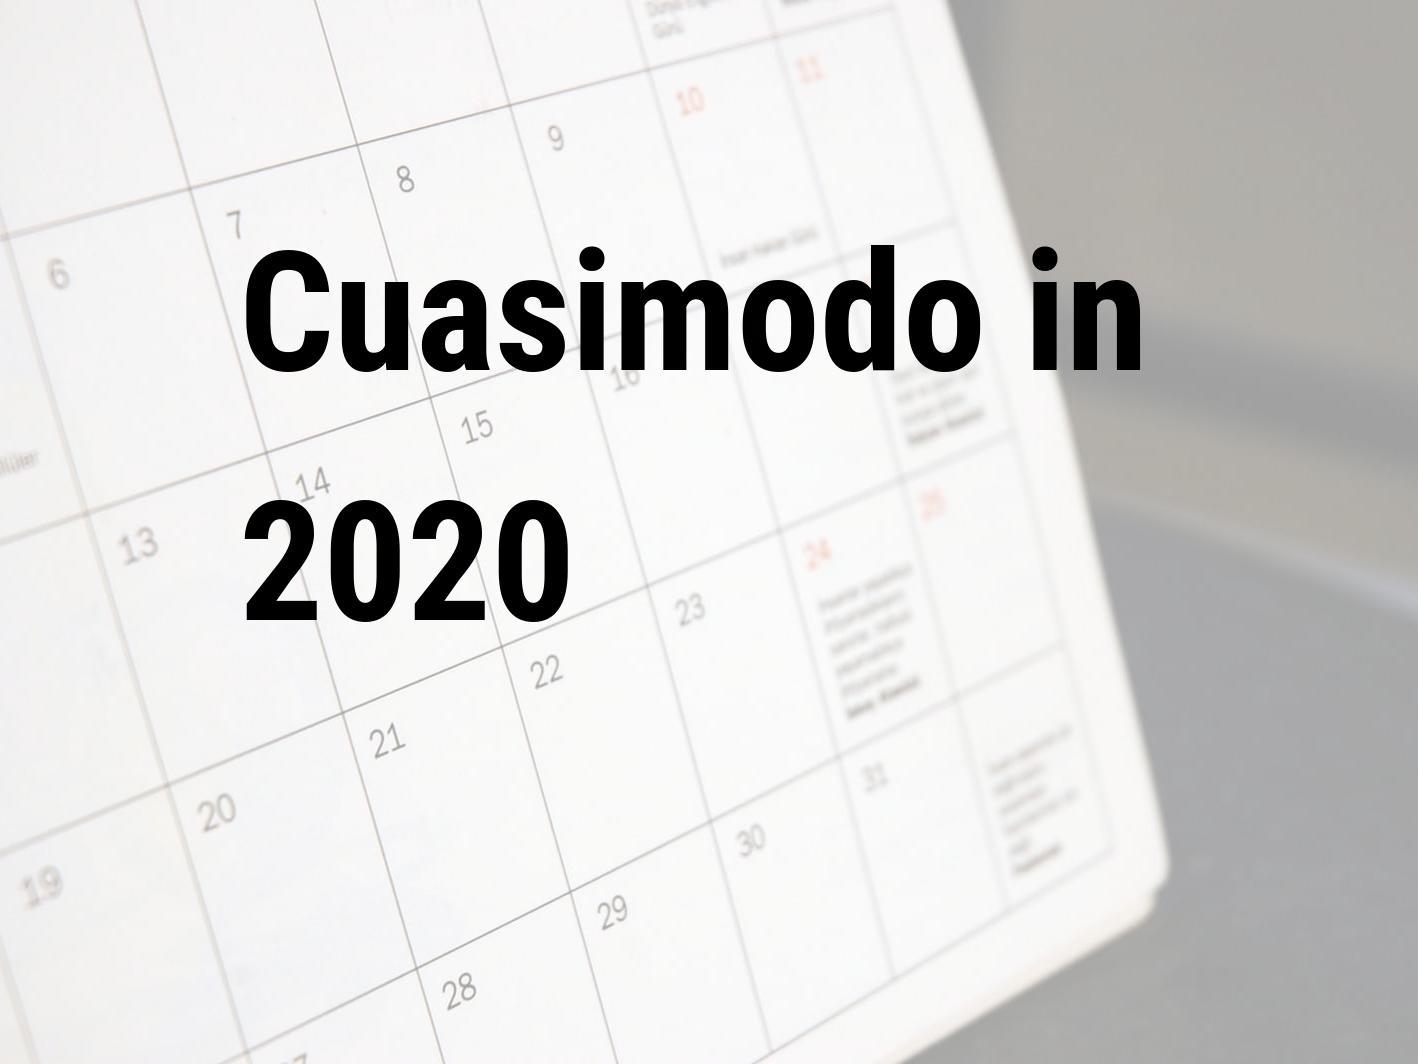 Calendario Islamico 2020.Cuasimodo 2020 Cuando Es Es Cuasimodo En 2020 Espana